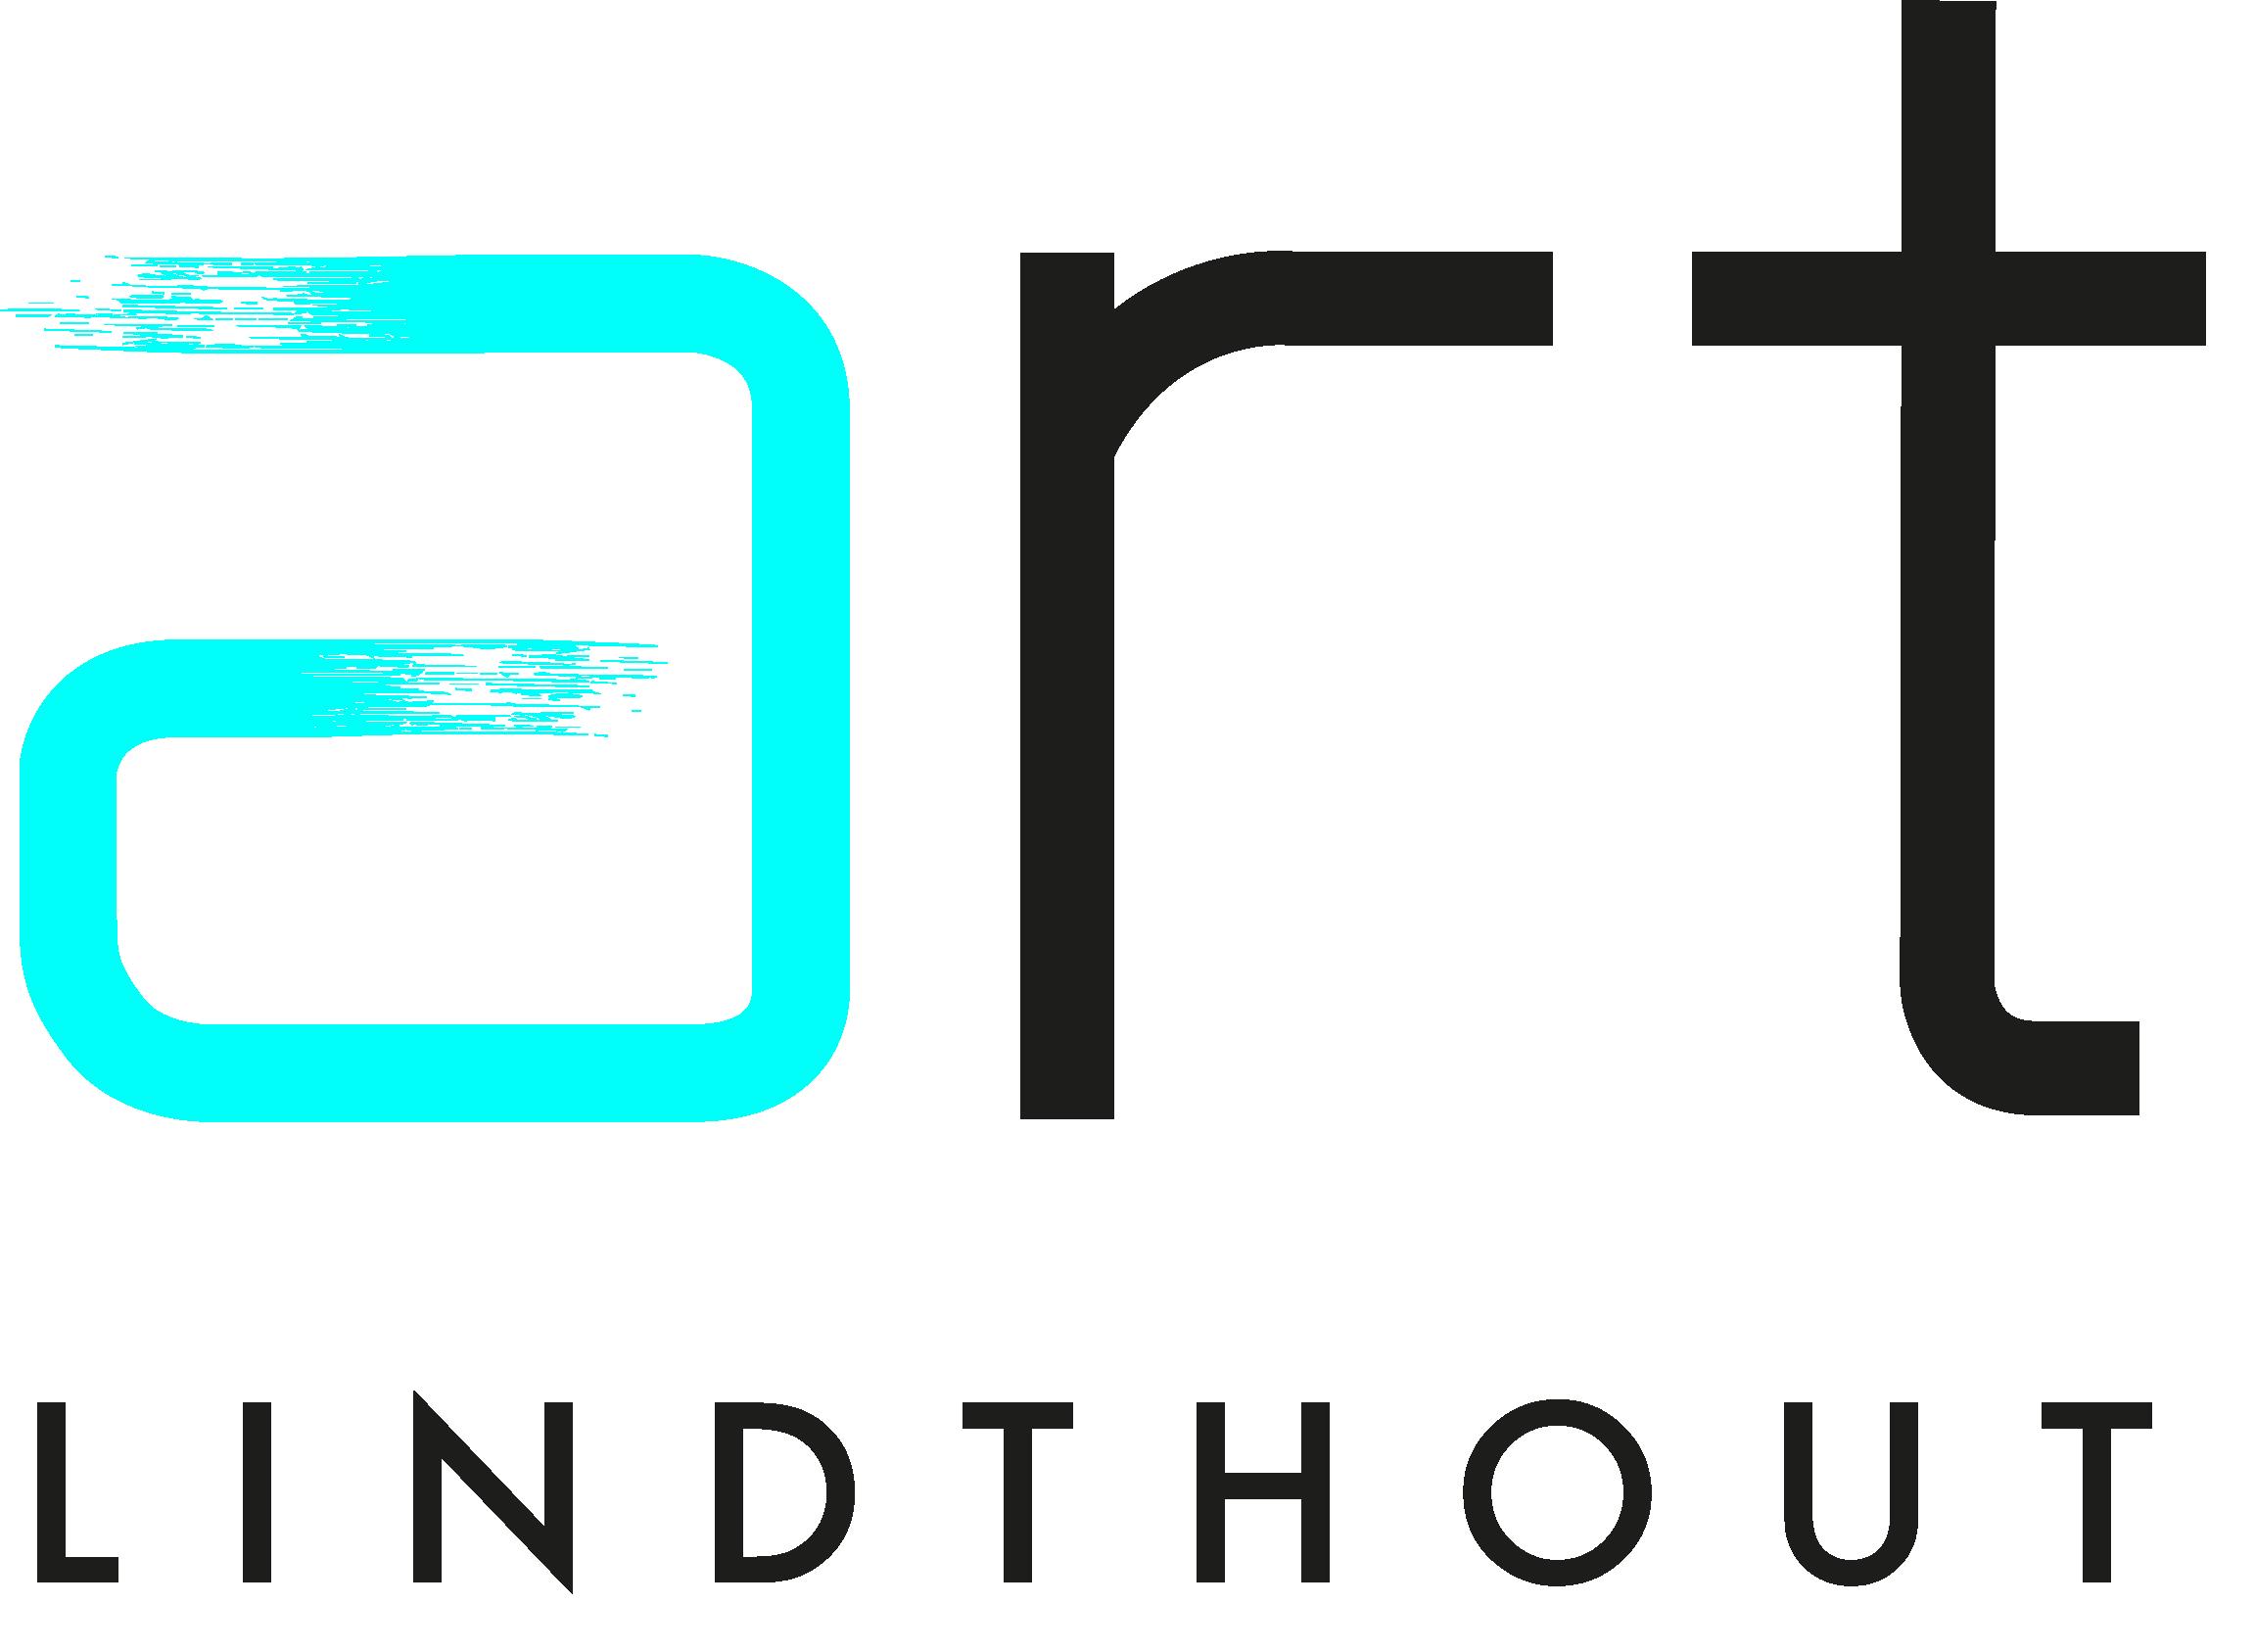 artlindthout